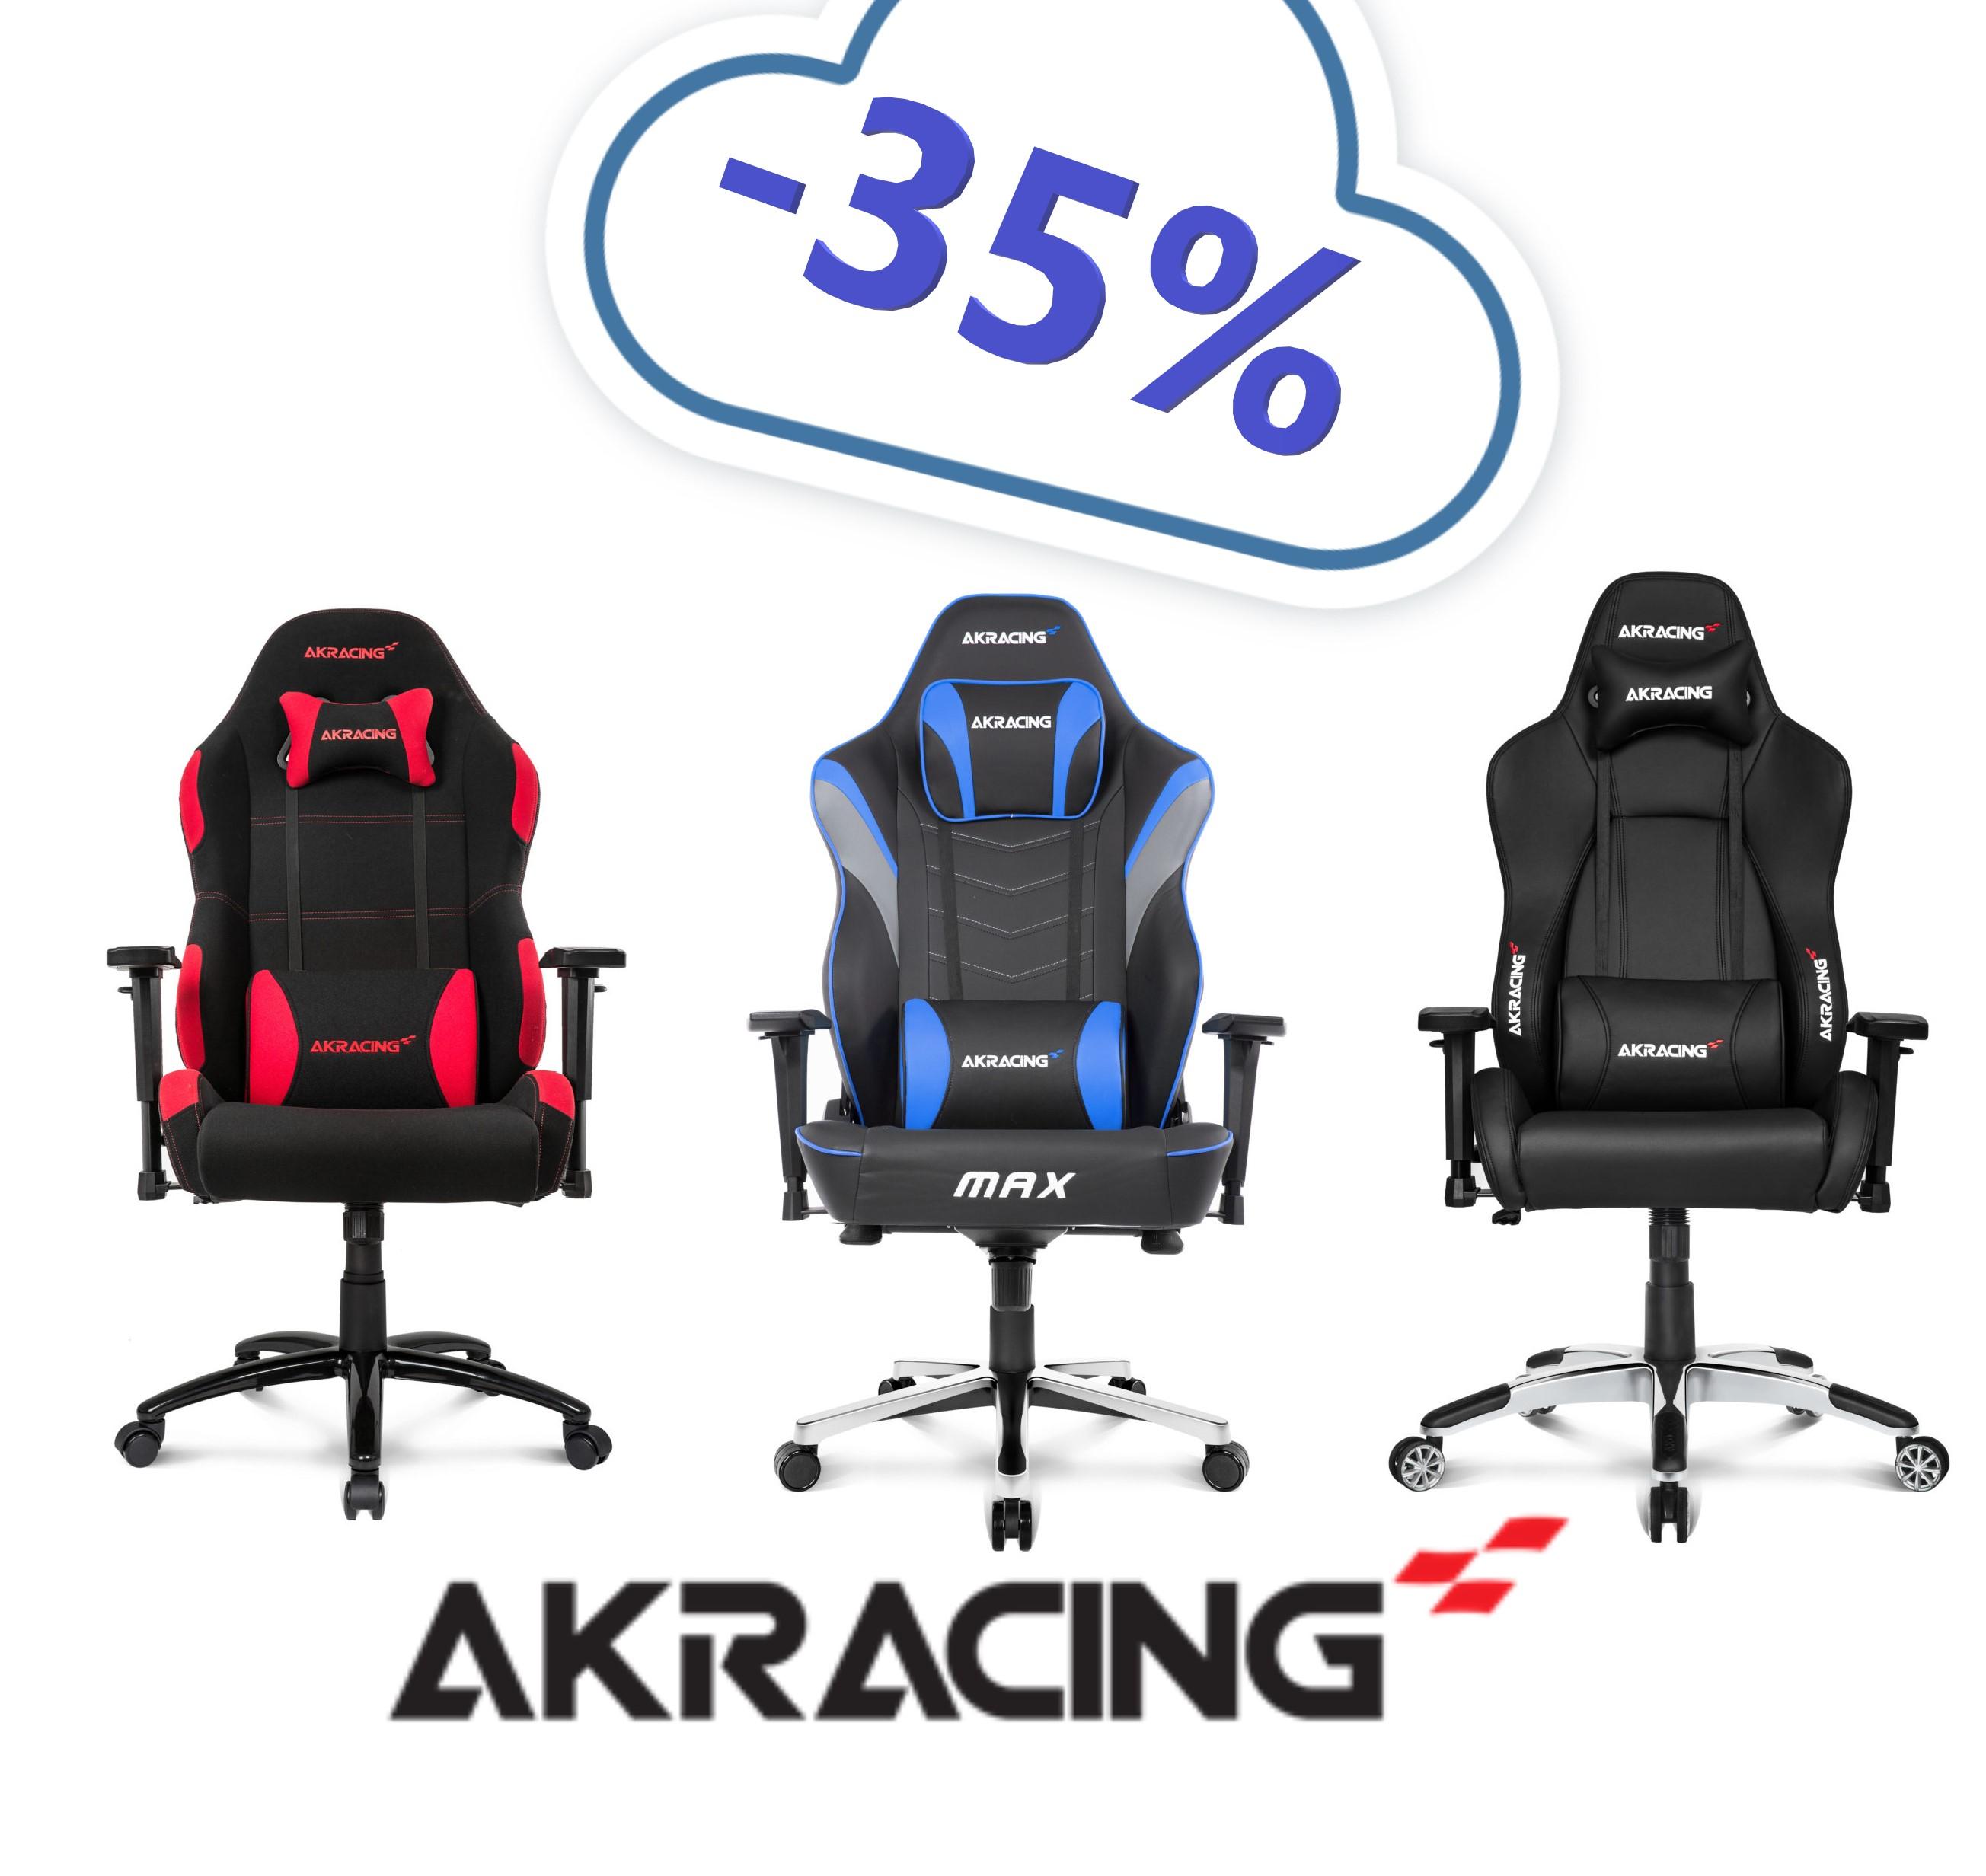 Sillas Gaming AKRacing (35% de Descuento)